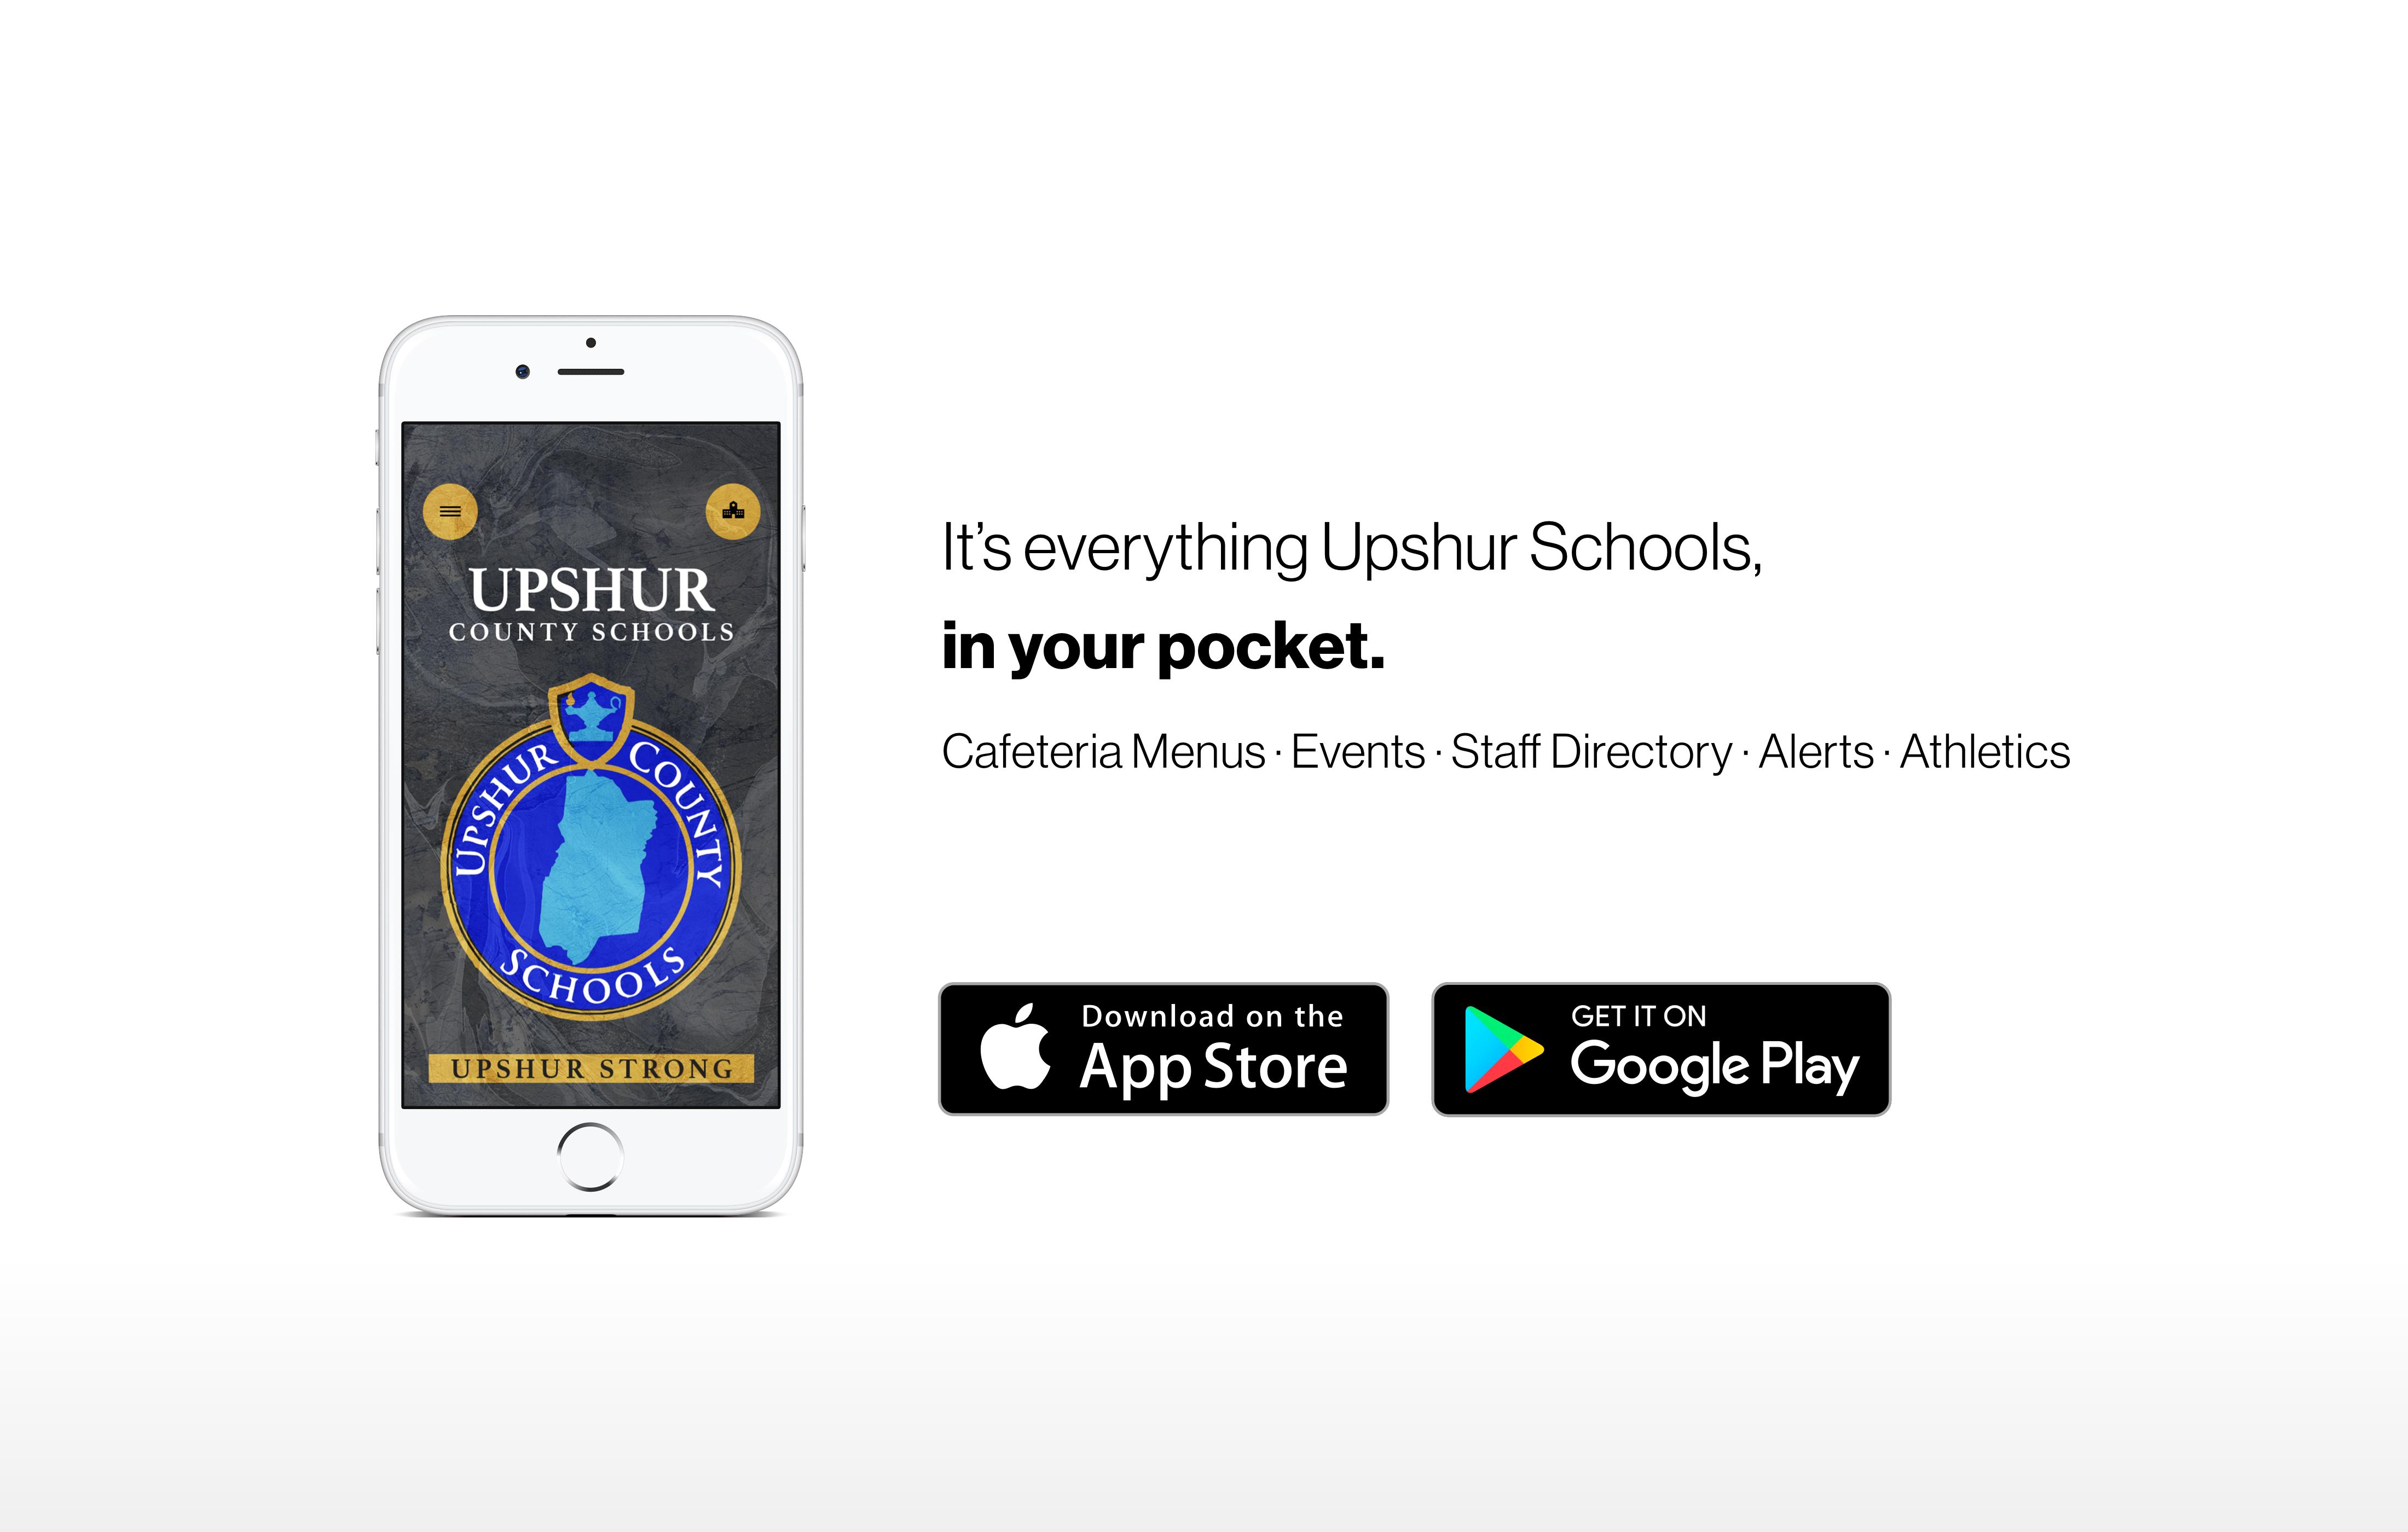 Download Upshur Schools app